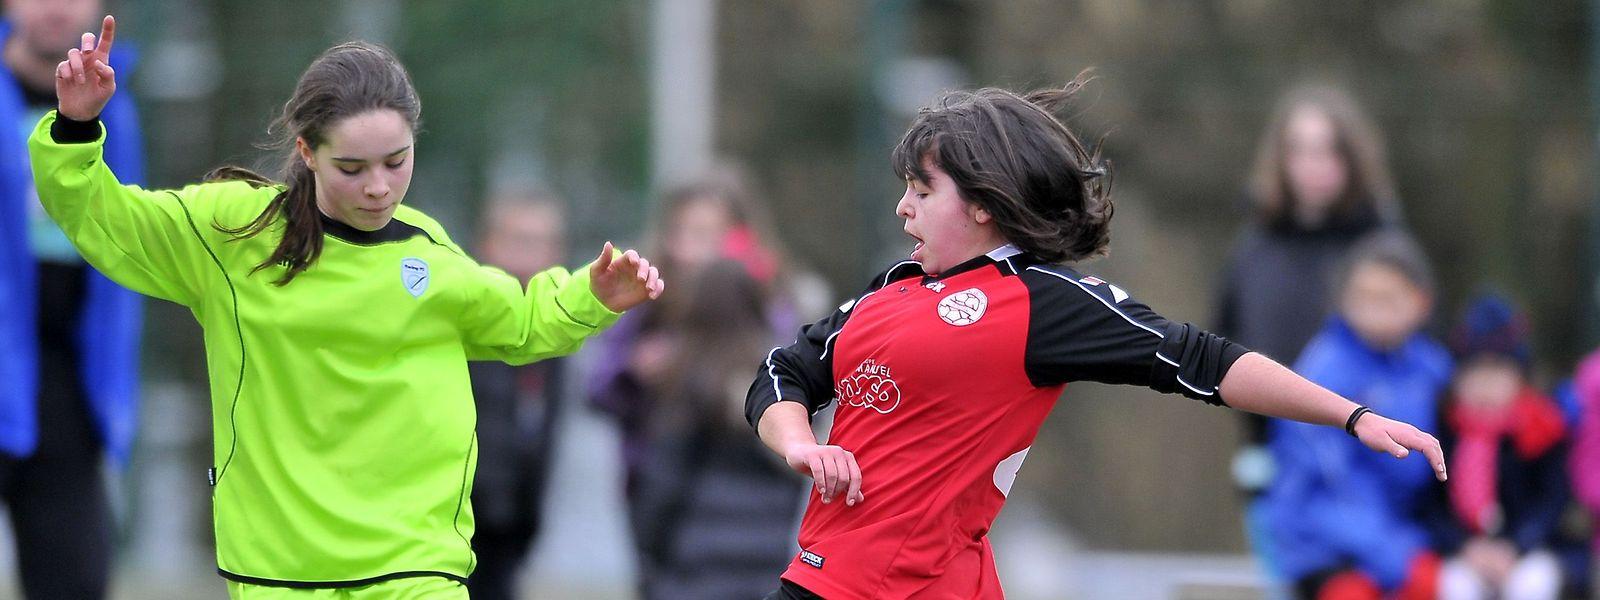 Immer beliebter: Die Mitgliederzahlen im Mädchenfußball steigen in Luxemburg stetig an.